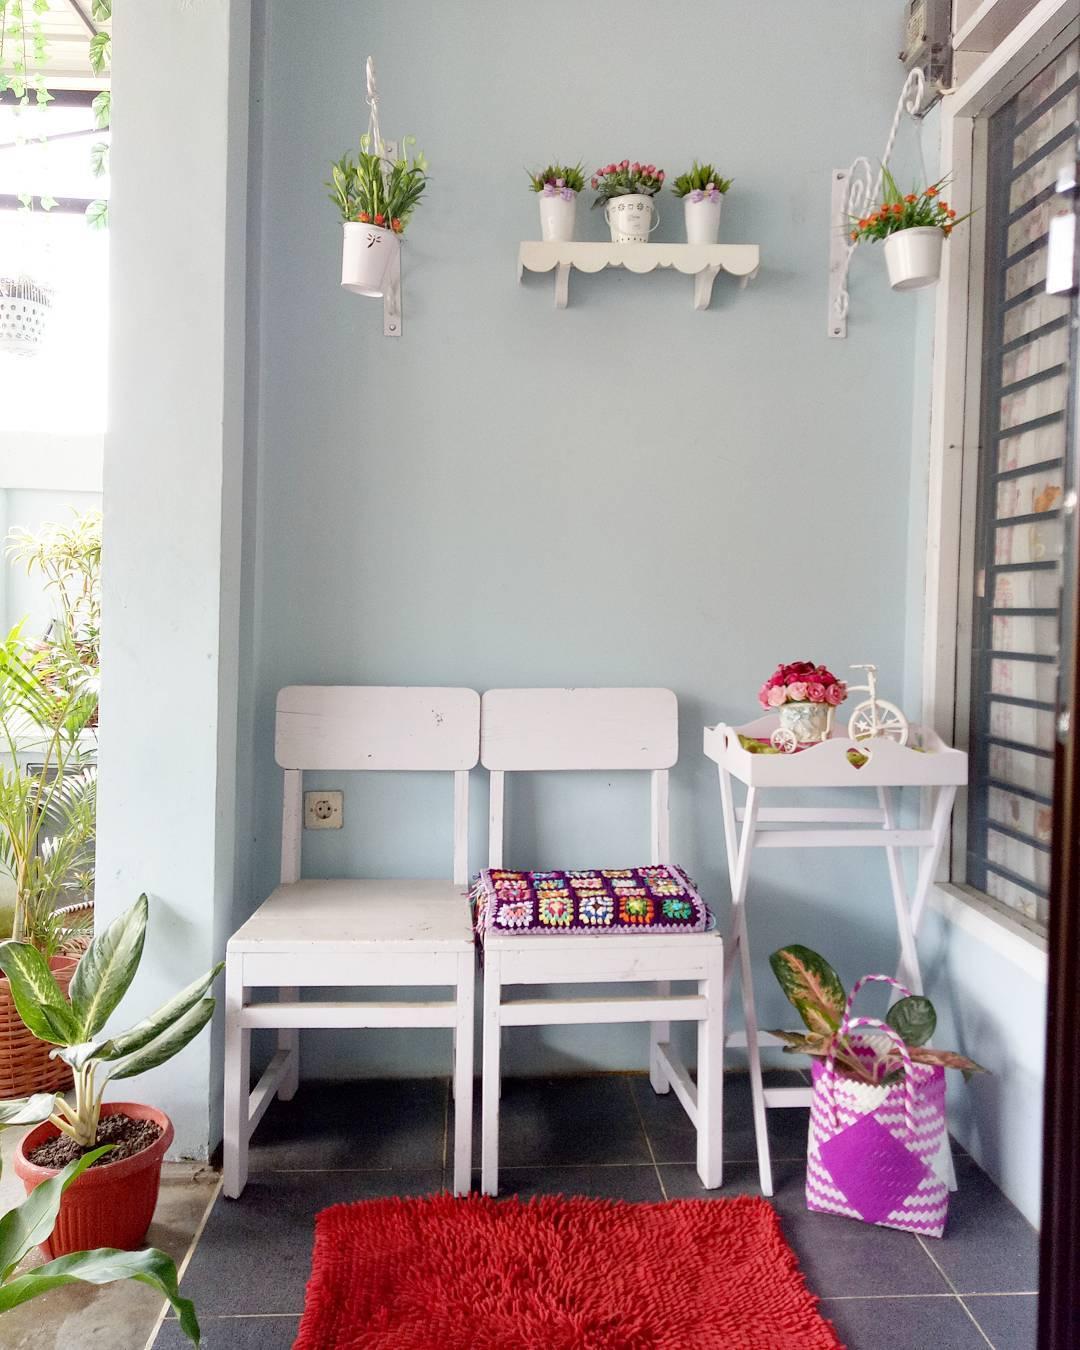 Cat Rumah Shabby - cara dan contoh dekorasi teras rumah minimalis terbaru 2017 17126169 288057504947257 7670238122327670784 n